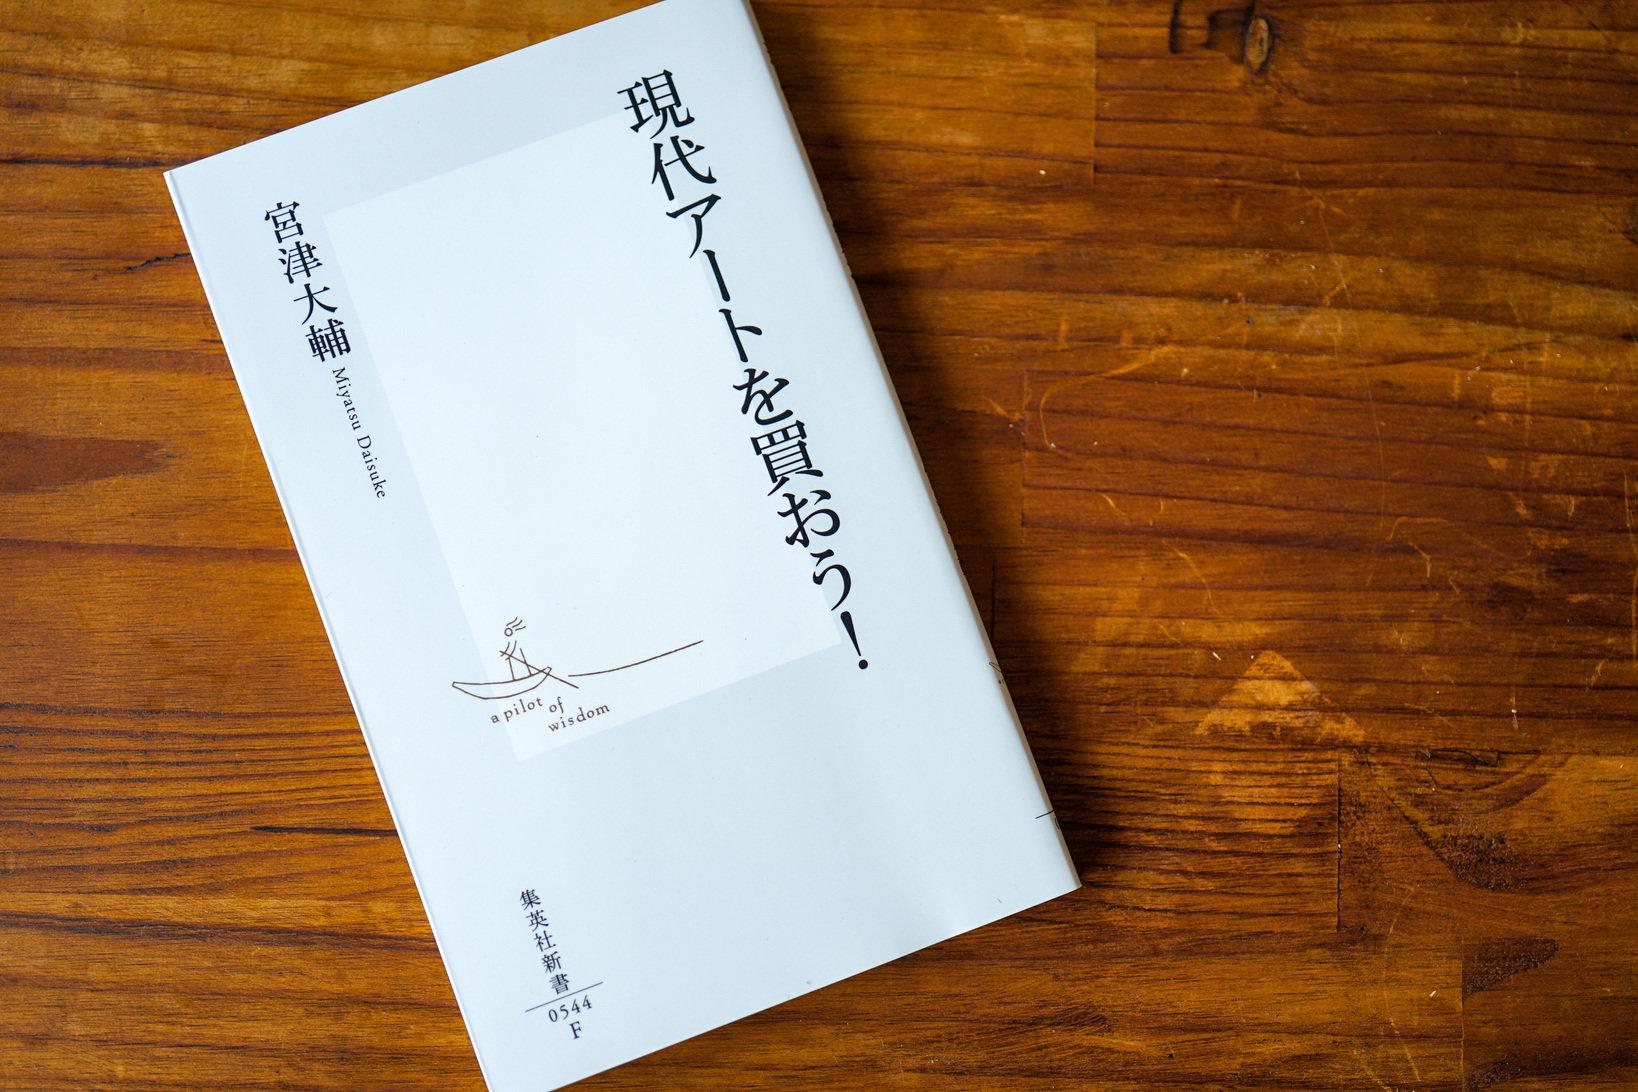 宮津大輔・著 『現代アートを買おう!』 集英社新書